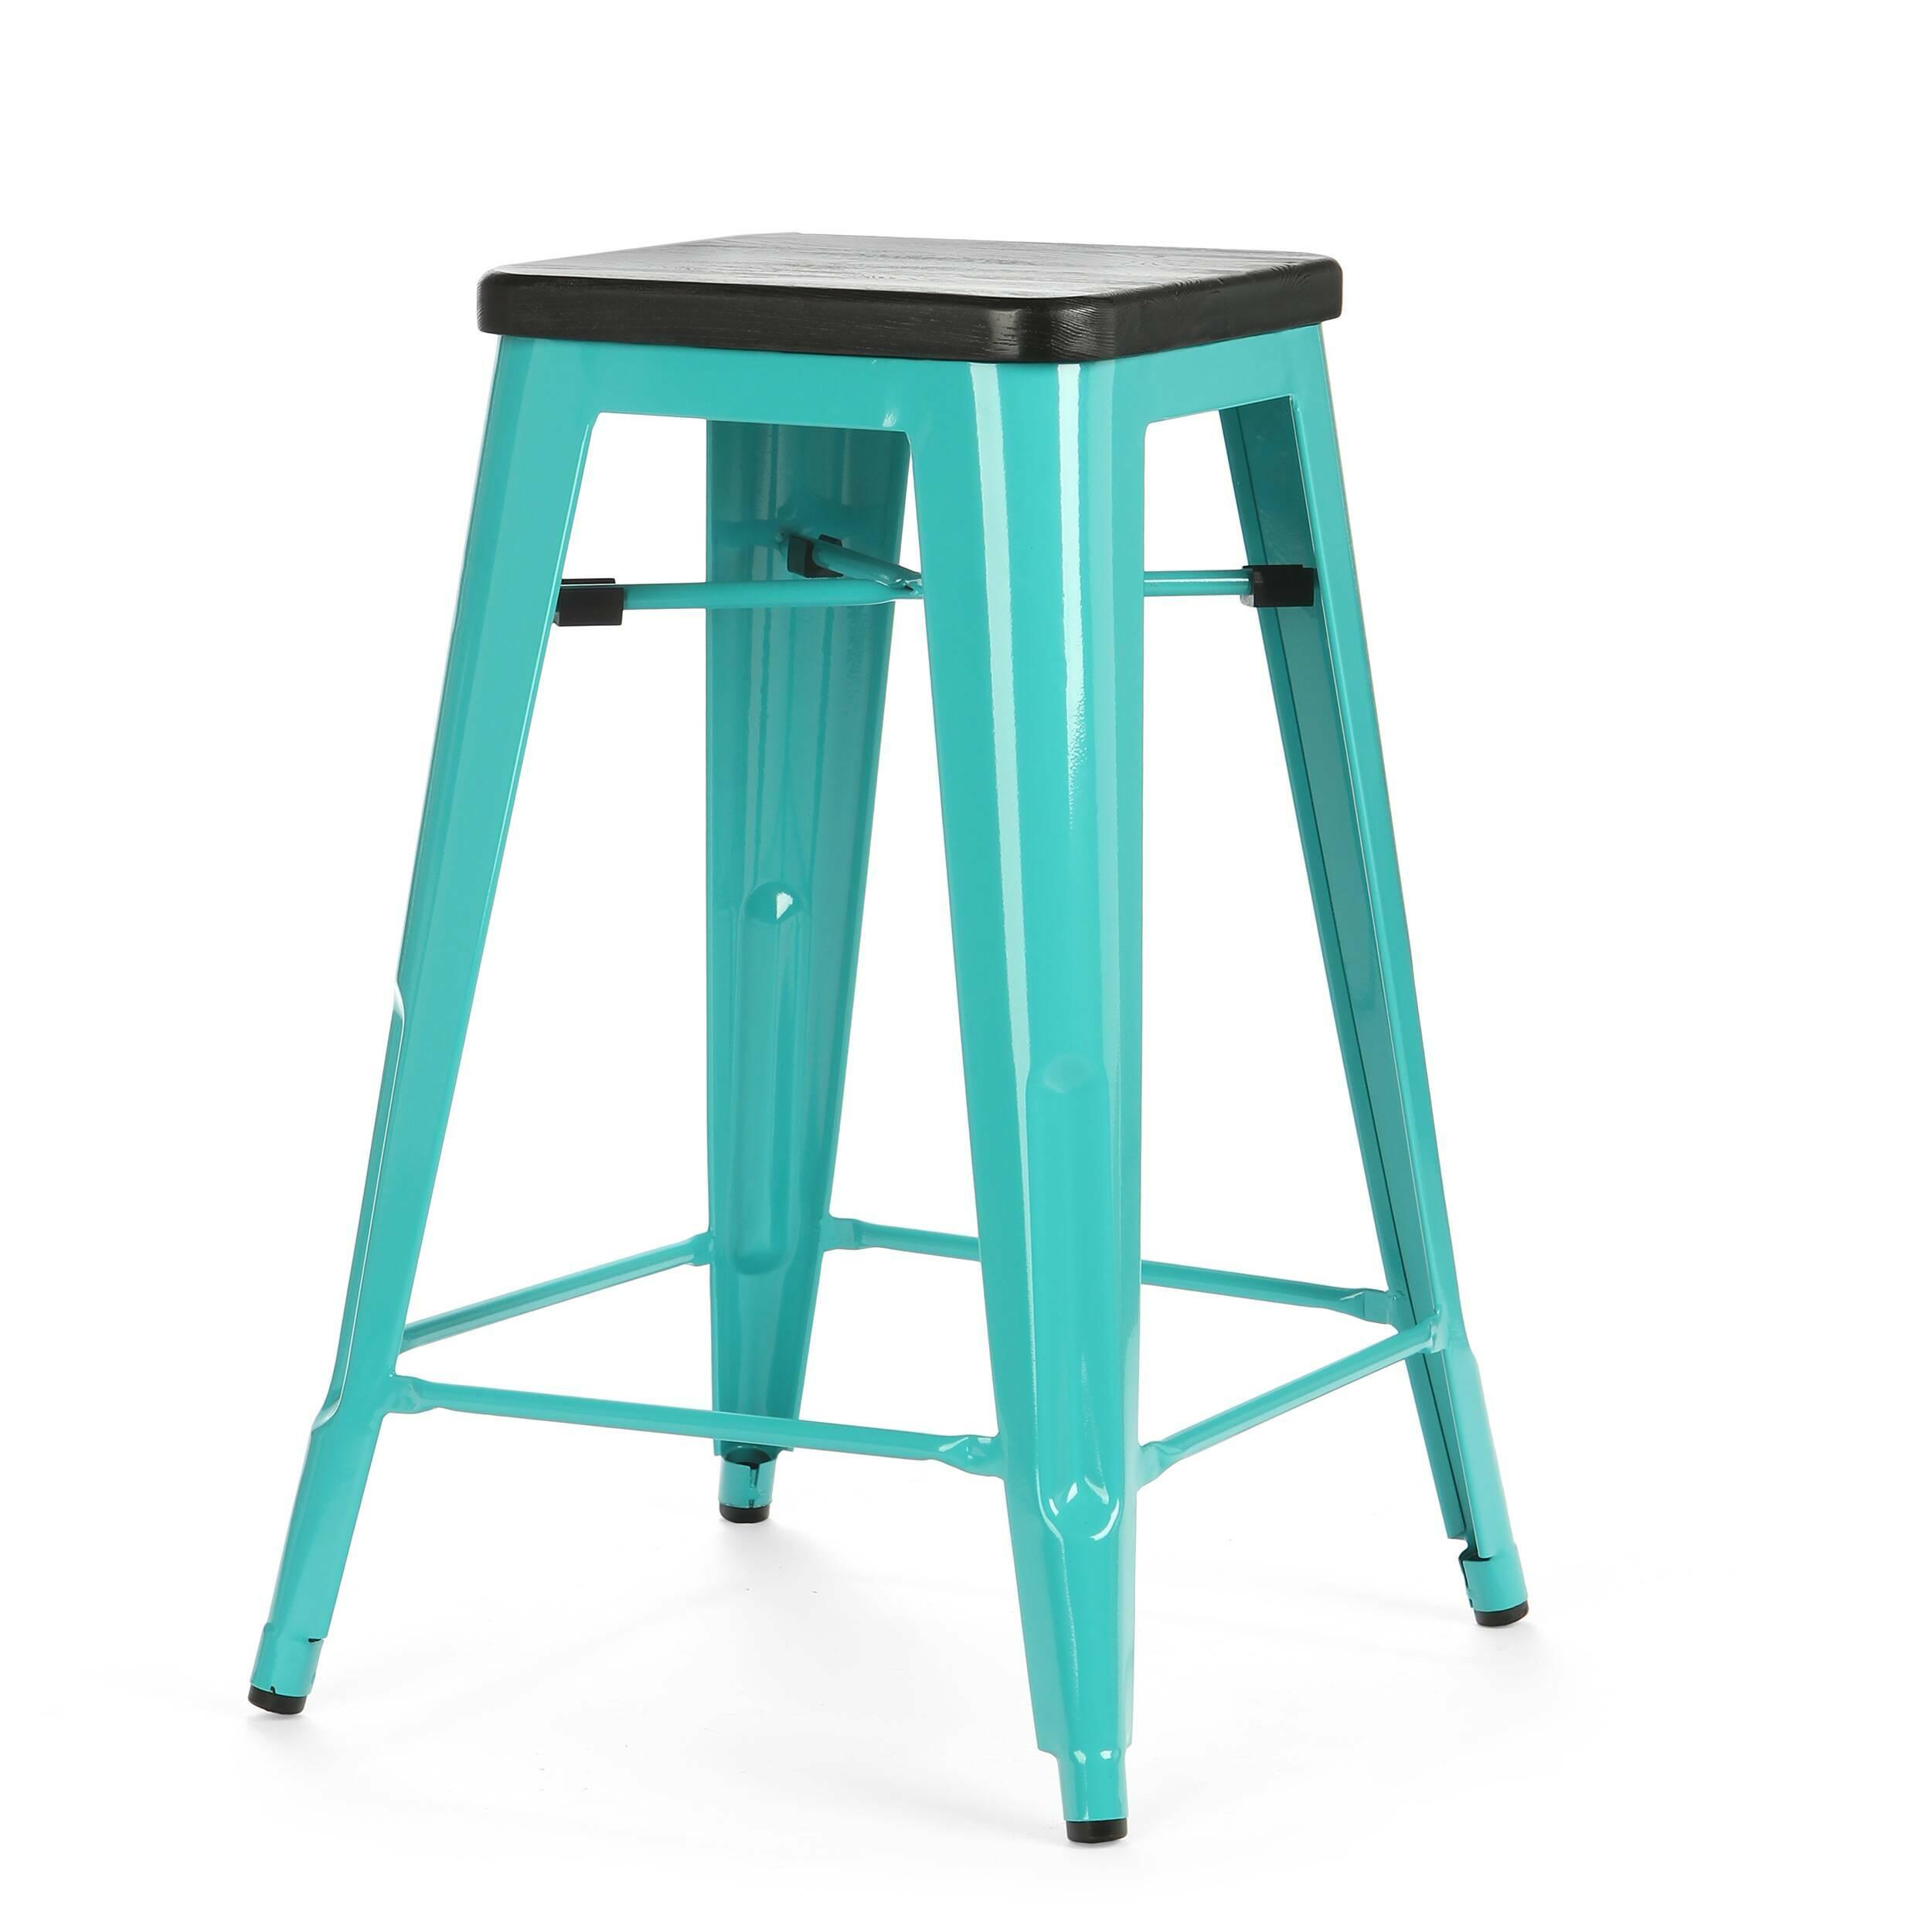 Барный стул Marais Color 1Полубарные<br>Хорошая мебель — это мебель стильная, удобная и надежная, простая в уходе. Так размышлял Ксавье Пошар, французский дизайнер ХХ века, и разработал целую серию предметов мебели, отвечающую этим запросам. Представляем вам барный стул Marais Color 1 с сиденьем из натурального дерева.<br><br><br> Тонкая гальванизированная сталь с порошковым напылением отлично воспринимает лакокрасочное покрытие, позволяя разнообразить палитру цветов, к тому же она очень долговечна. Продуманный дизайн предмета обесп...<br><br>stock: 5<br>Высота: 65<br>Ширина: 44<br>Ширина сиденья: 30<br>Глубина: 44<br>Глубина сиденья: 30<br>Тип материала каркаса: Сталь<br>Материал сидения: Массив дуба<br>Цвет сидения: Черный<br>Тип материала сидения: Дерево<br>Цвет каркаса: Бирюзовый